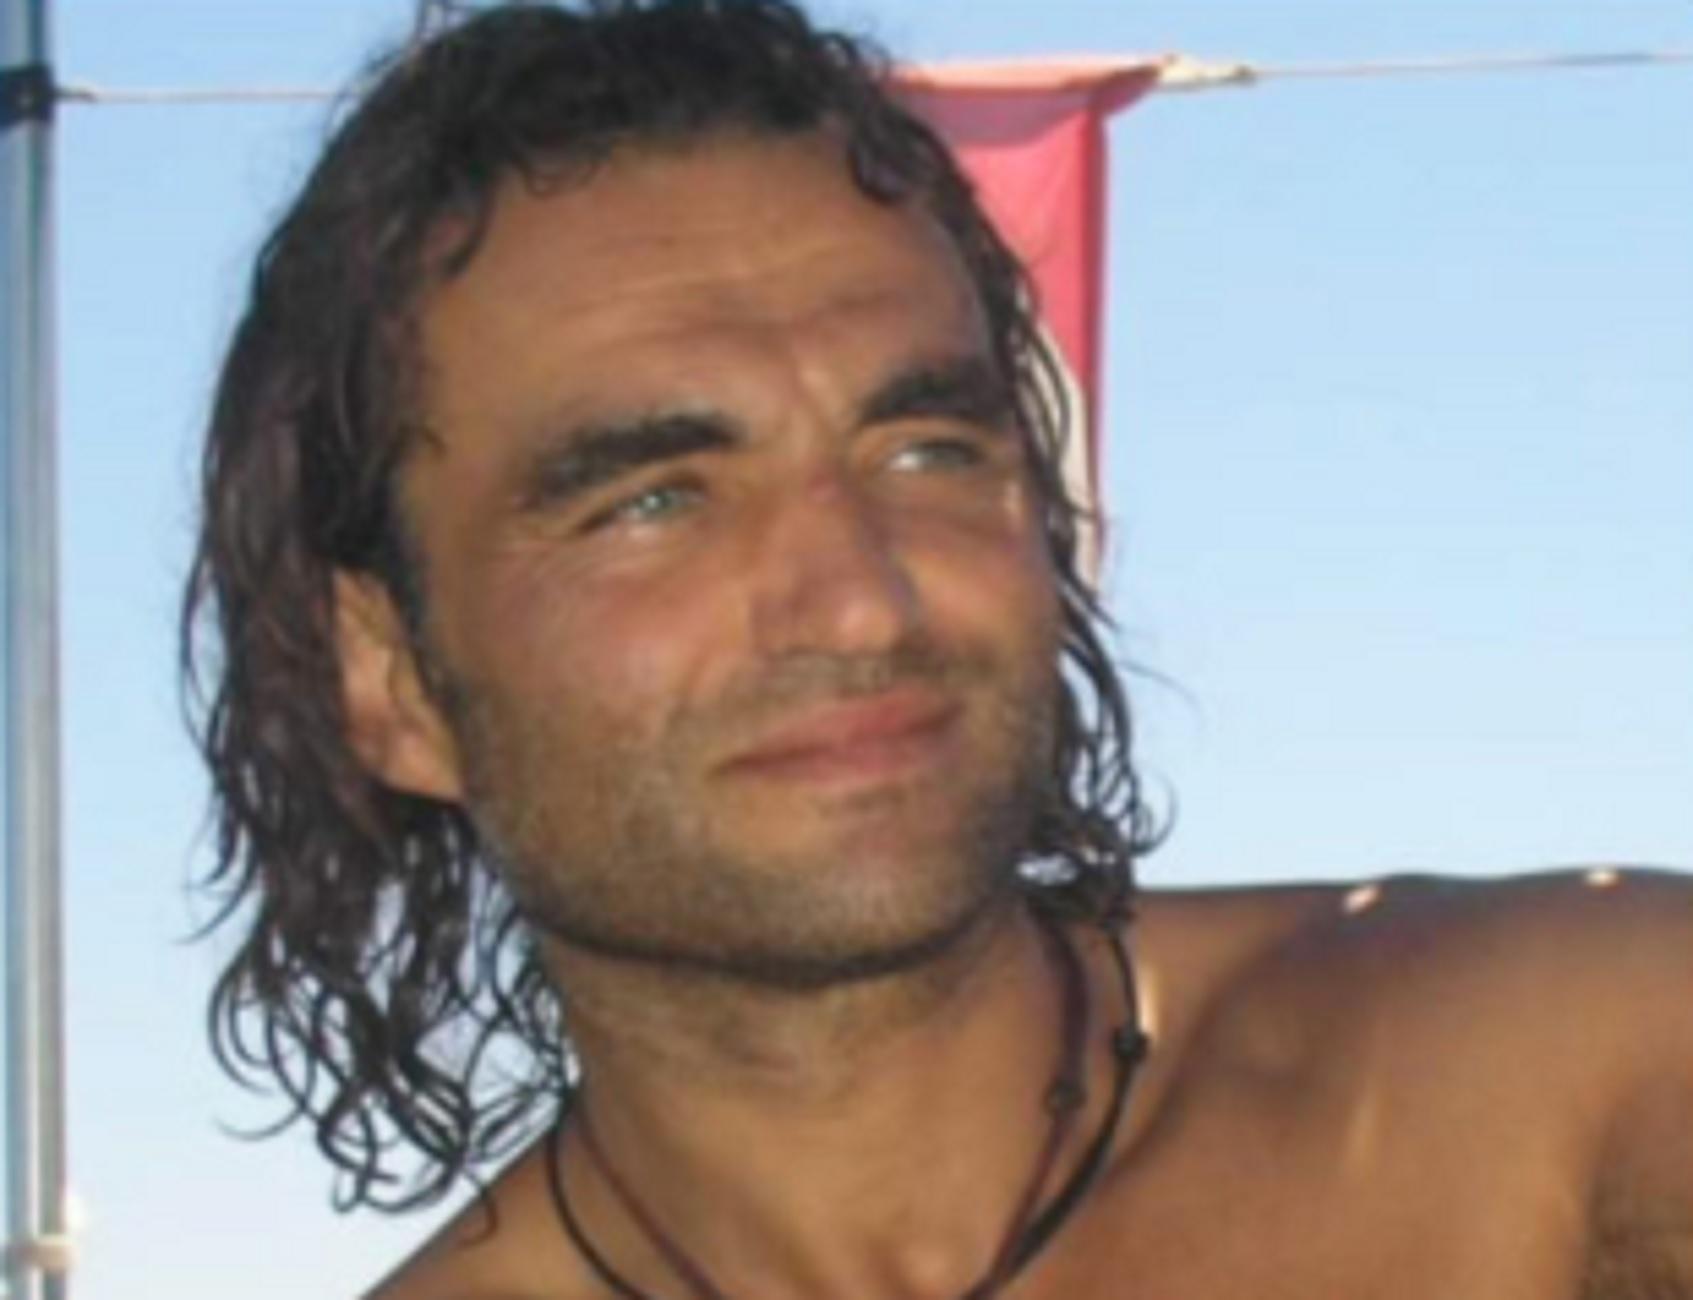 Κρήτη: Θρίλερ με εξαφάνιση ψαρά που είχε υπηρετήσει στα ΟΥΚ – Λιώνουν από αγωνία φίλοι και συγγενείς (video)